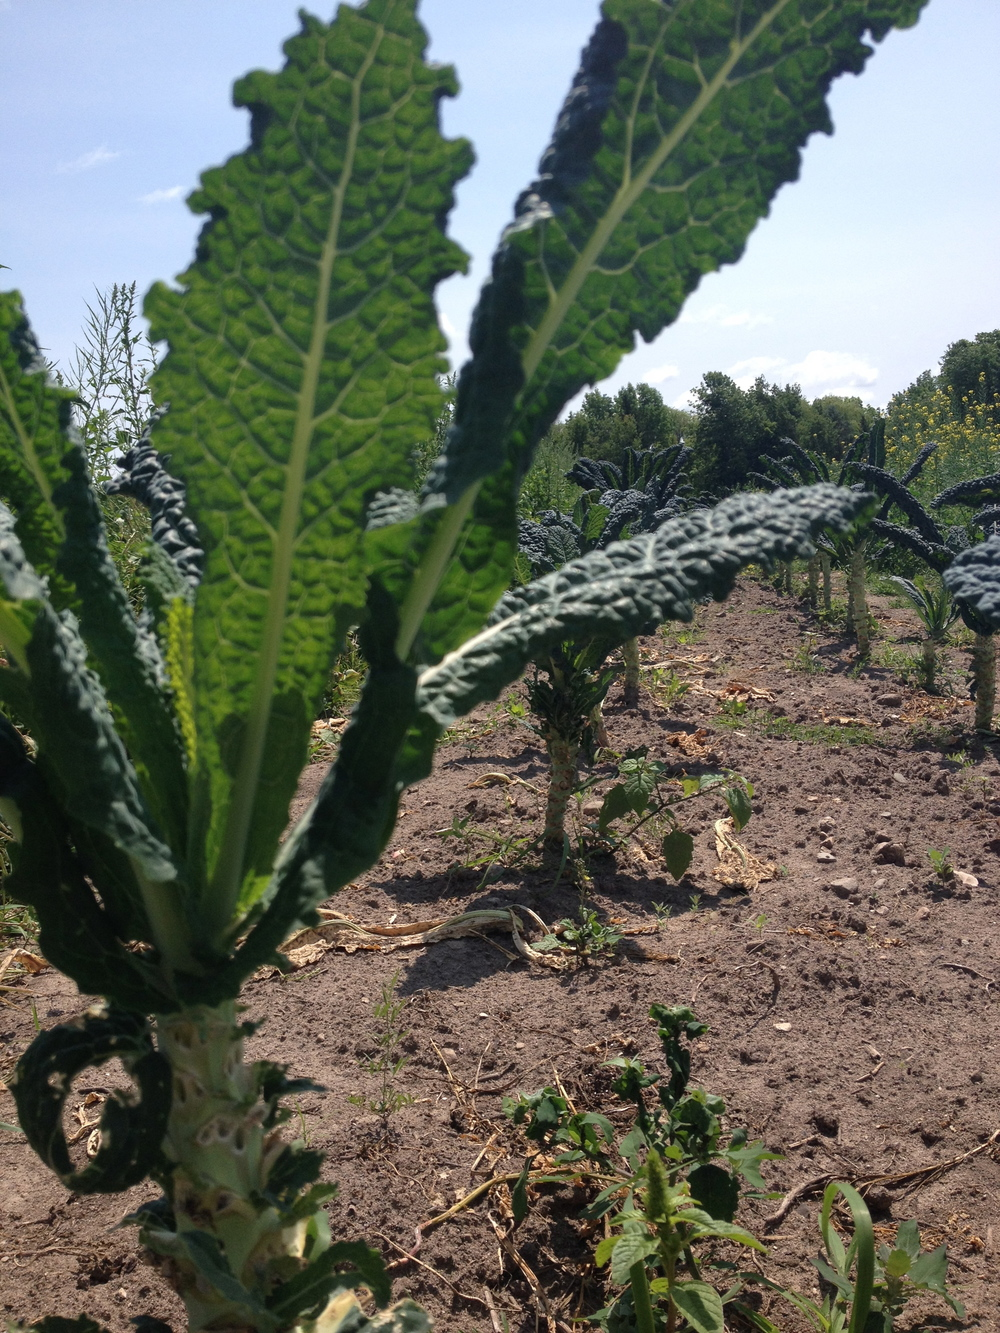 Kale Palm Trees